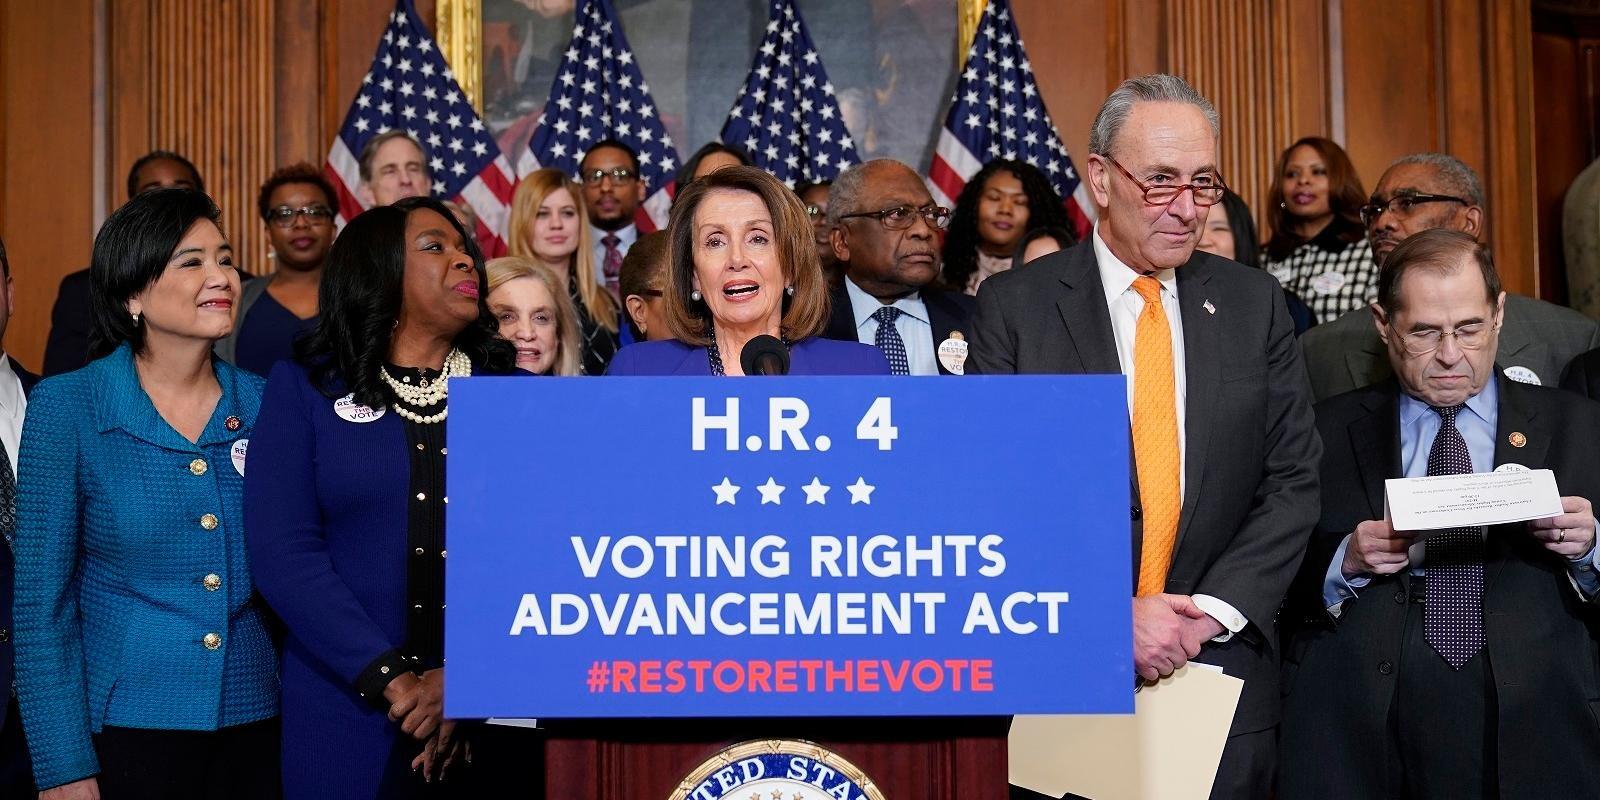 Maioria democrata foi chave para veto, mas 12 republicanos apoiaram resolução